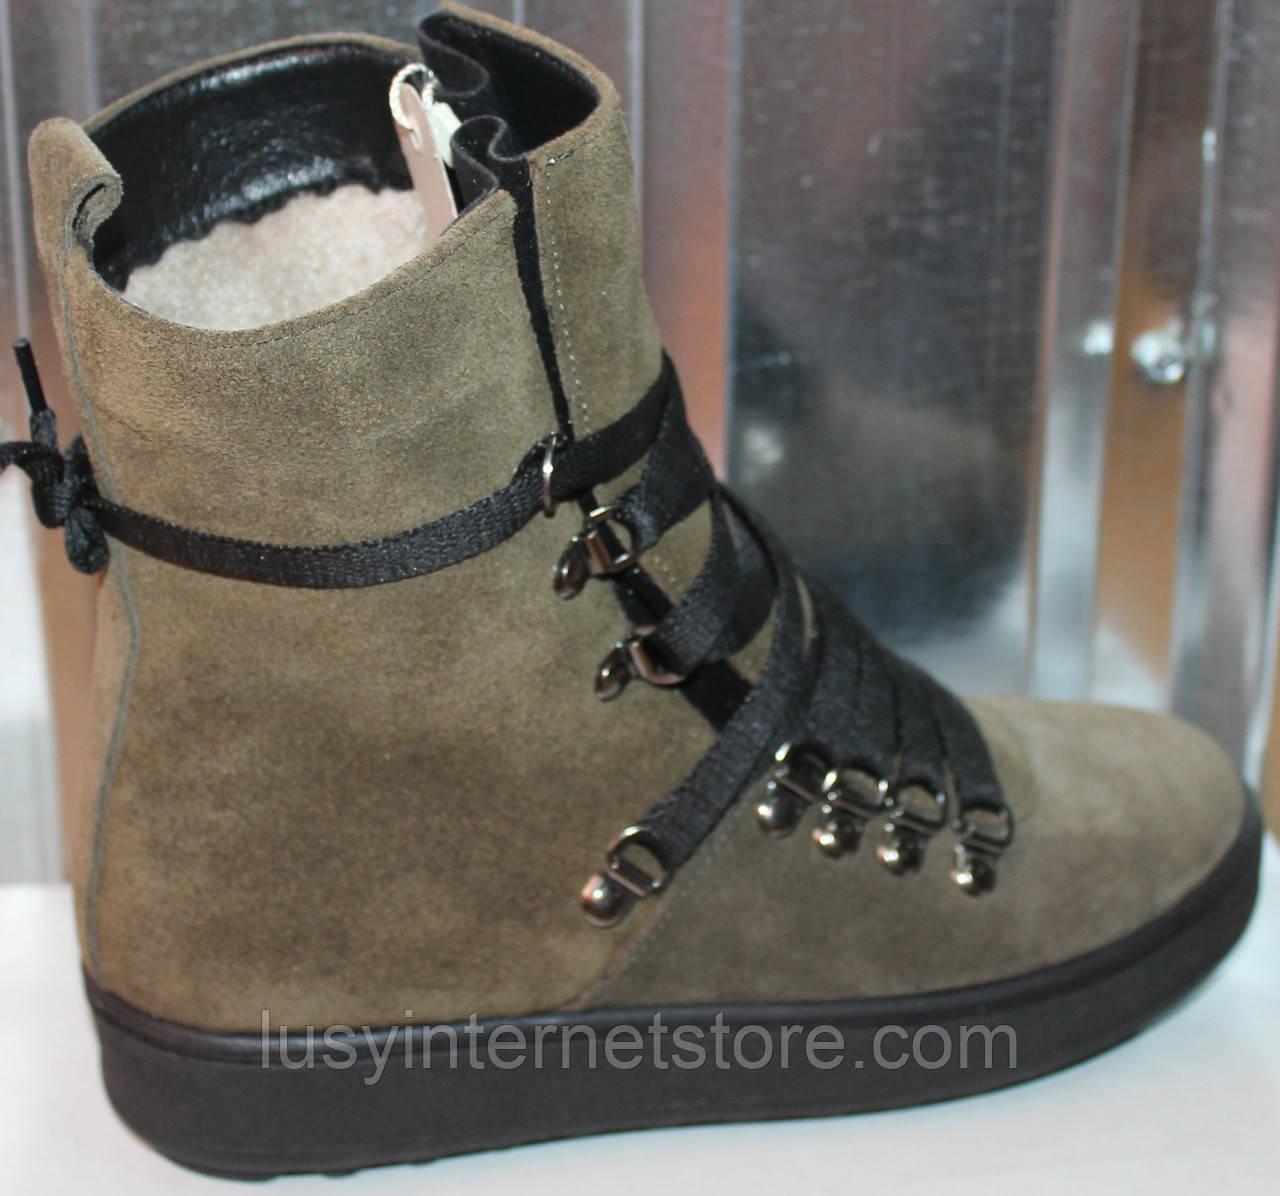 Ботинки замшевые женские зимние от производителя модель СА243-2